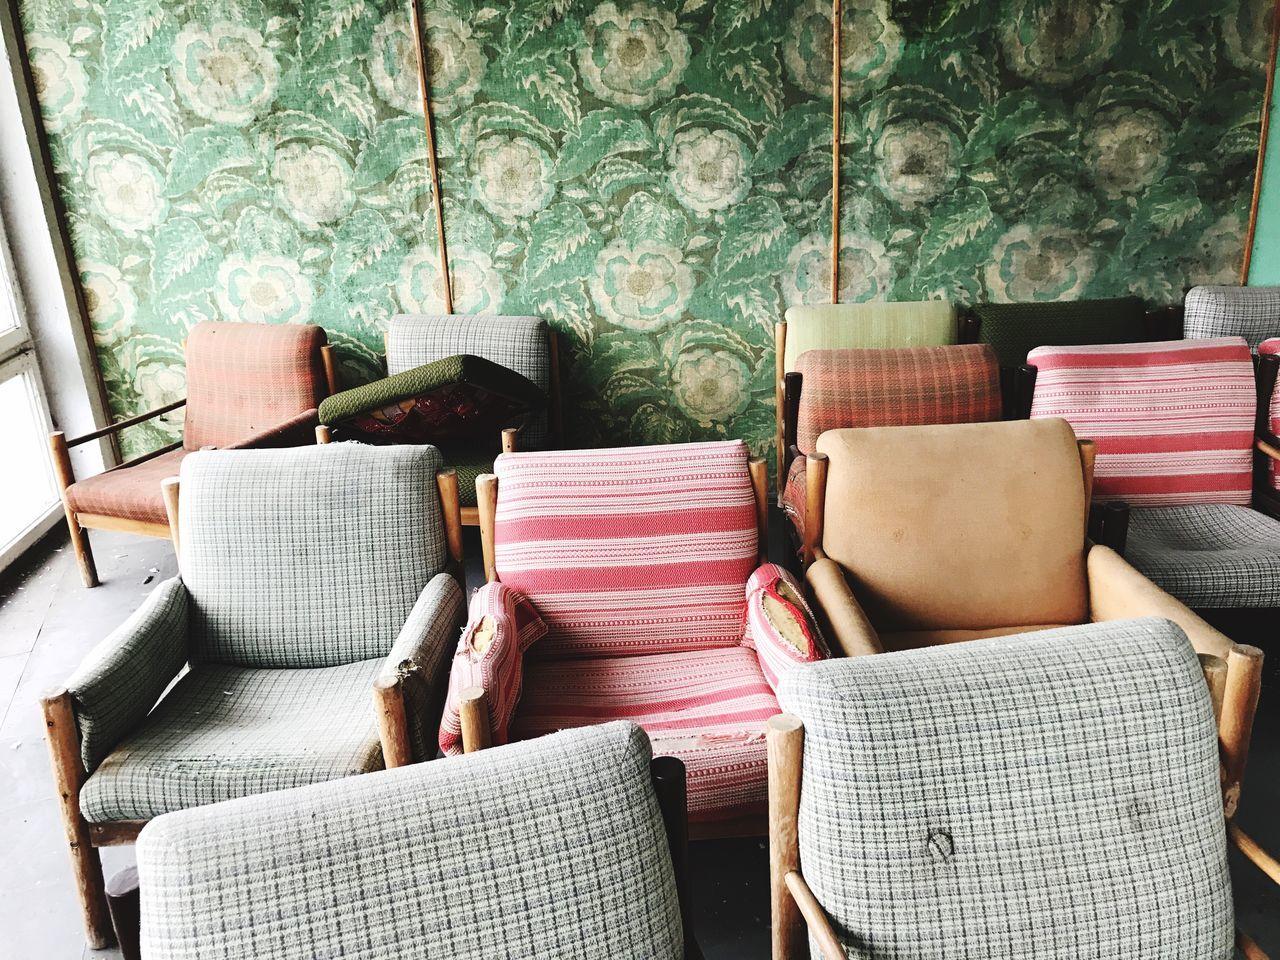 EyeEm Selects Indoors  No People Day Shotoniphone7plus The Week On EyeEm